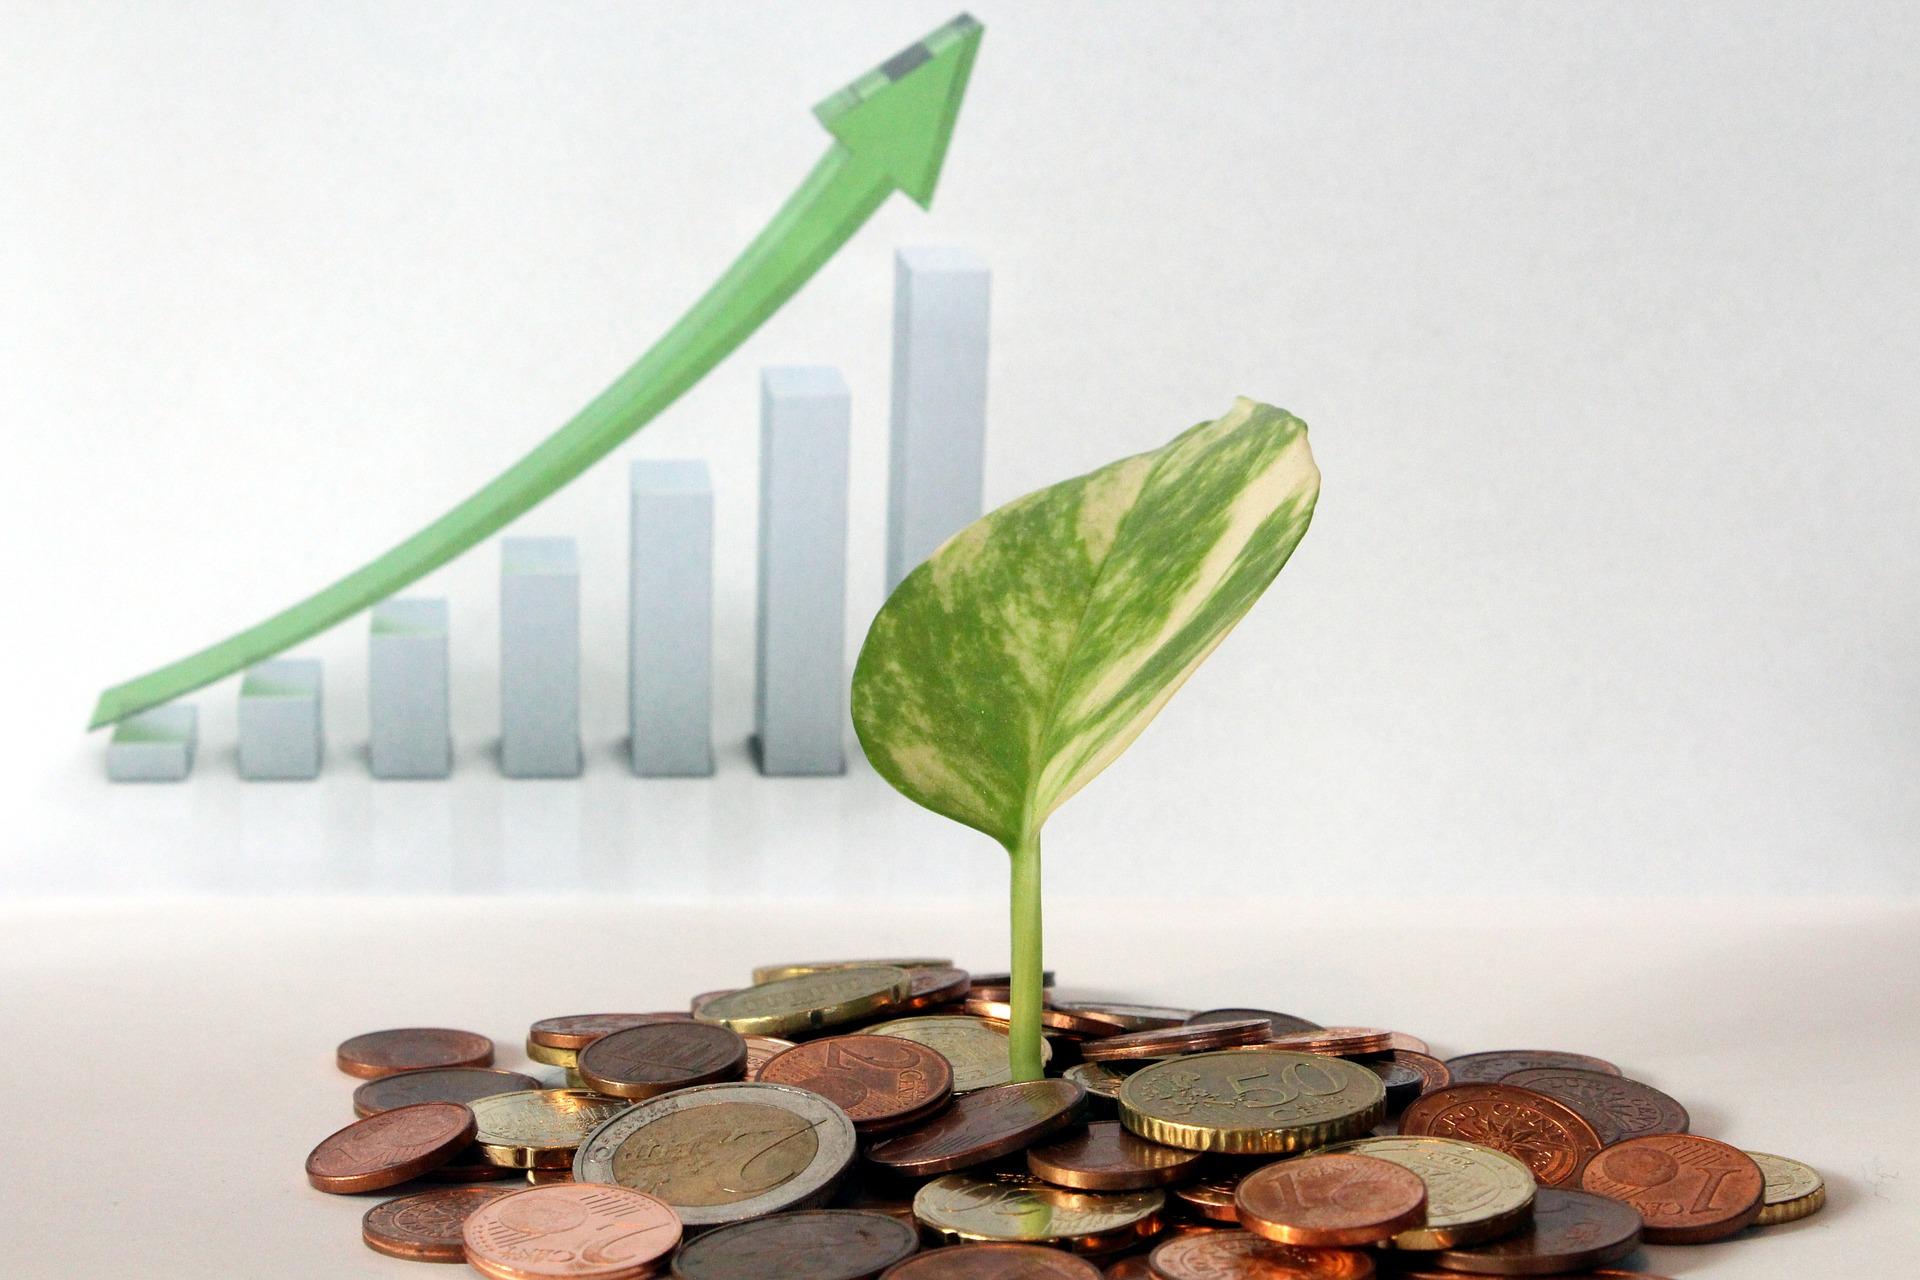 La confiance pour investir en entreprise atteint des sommets